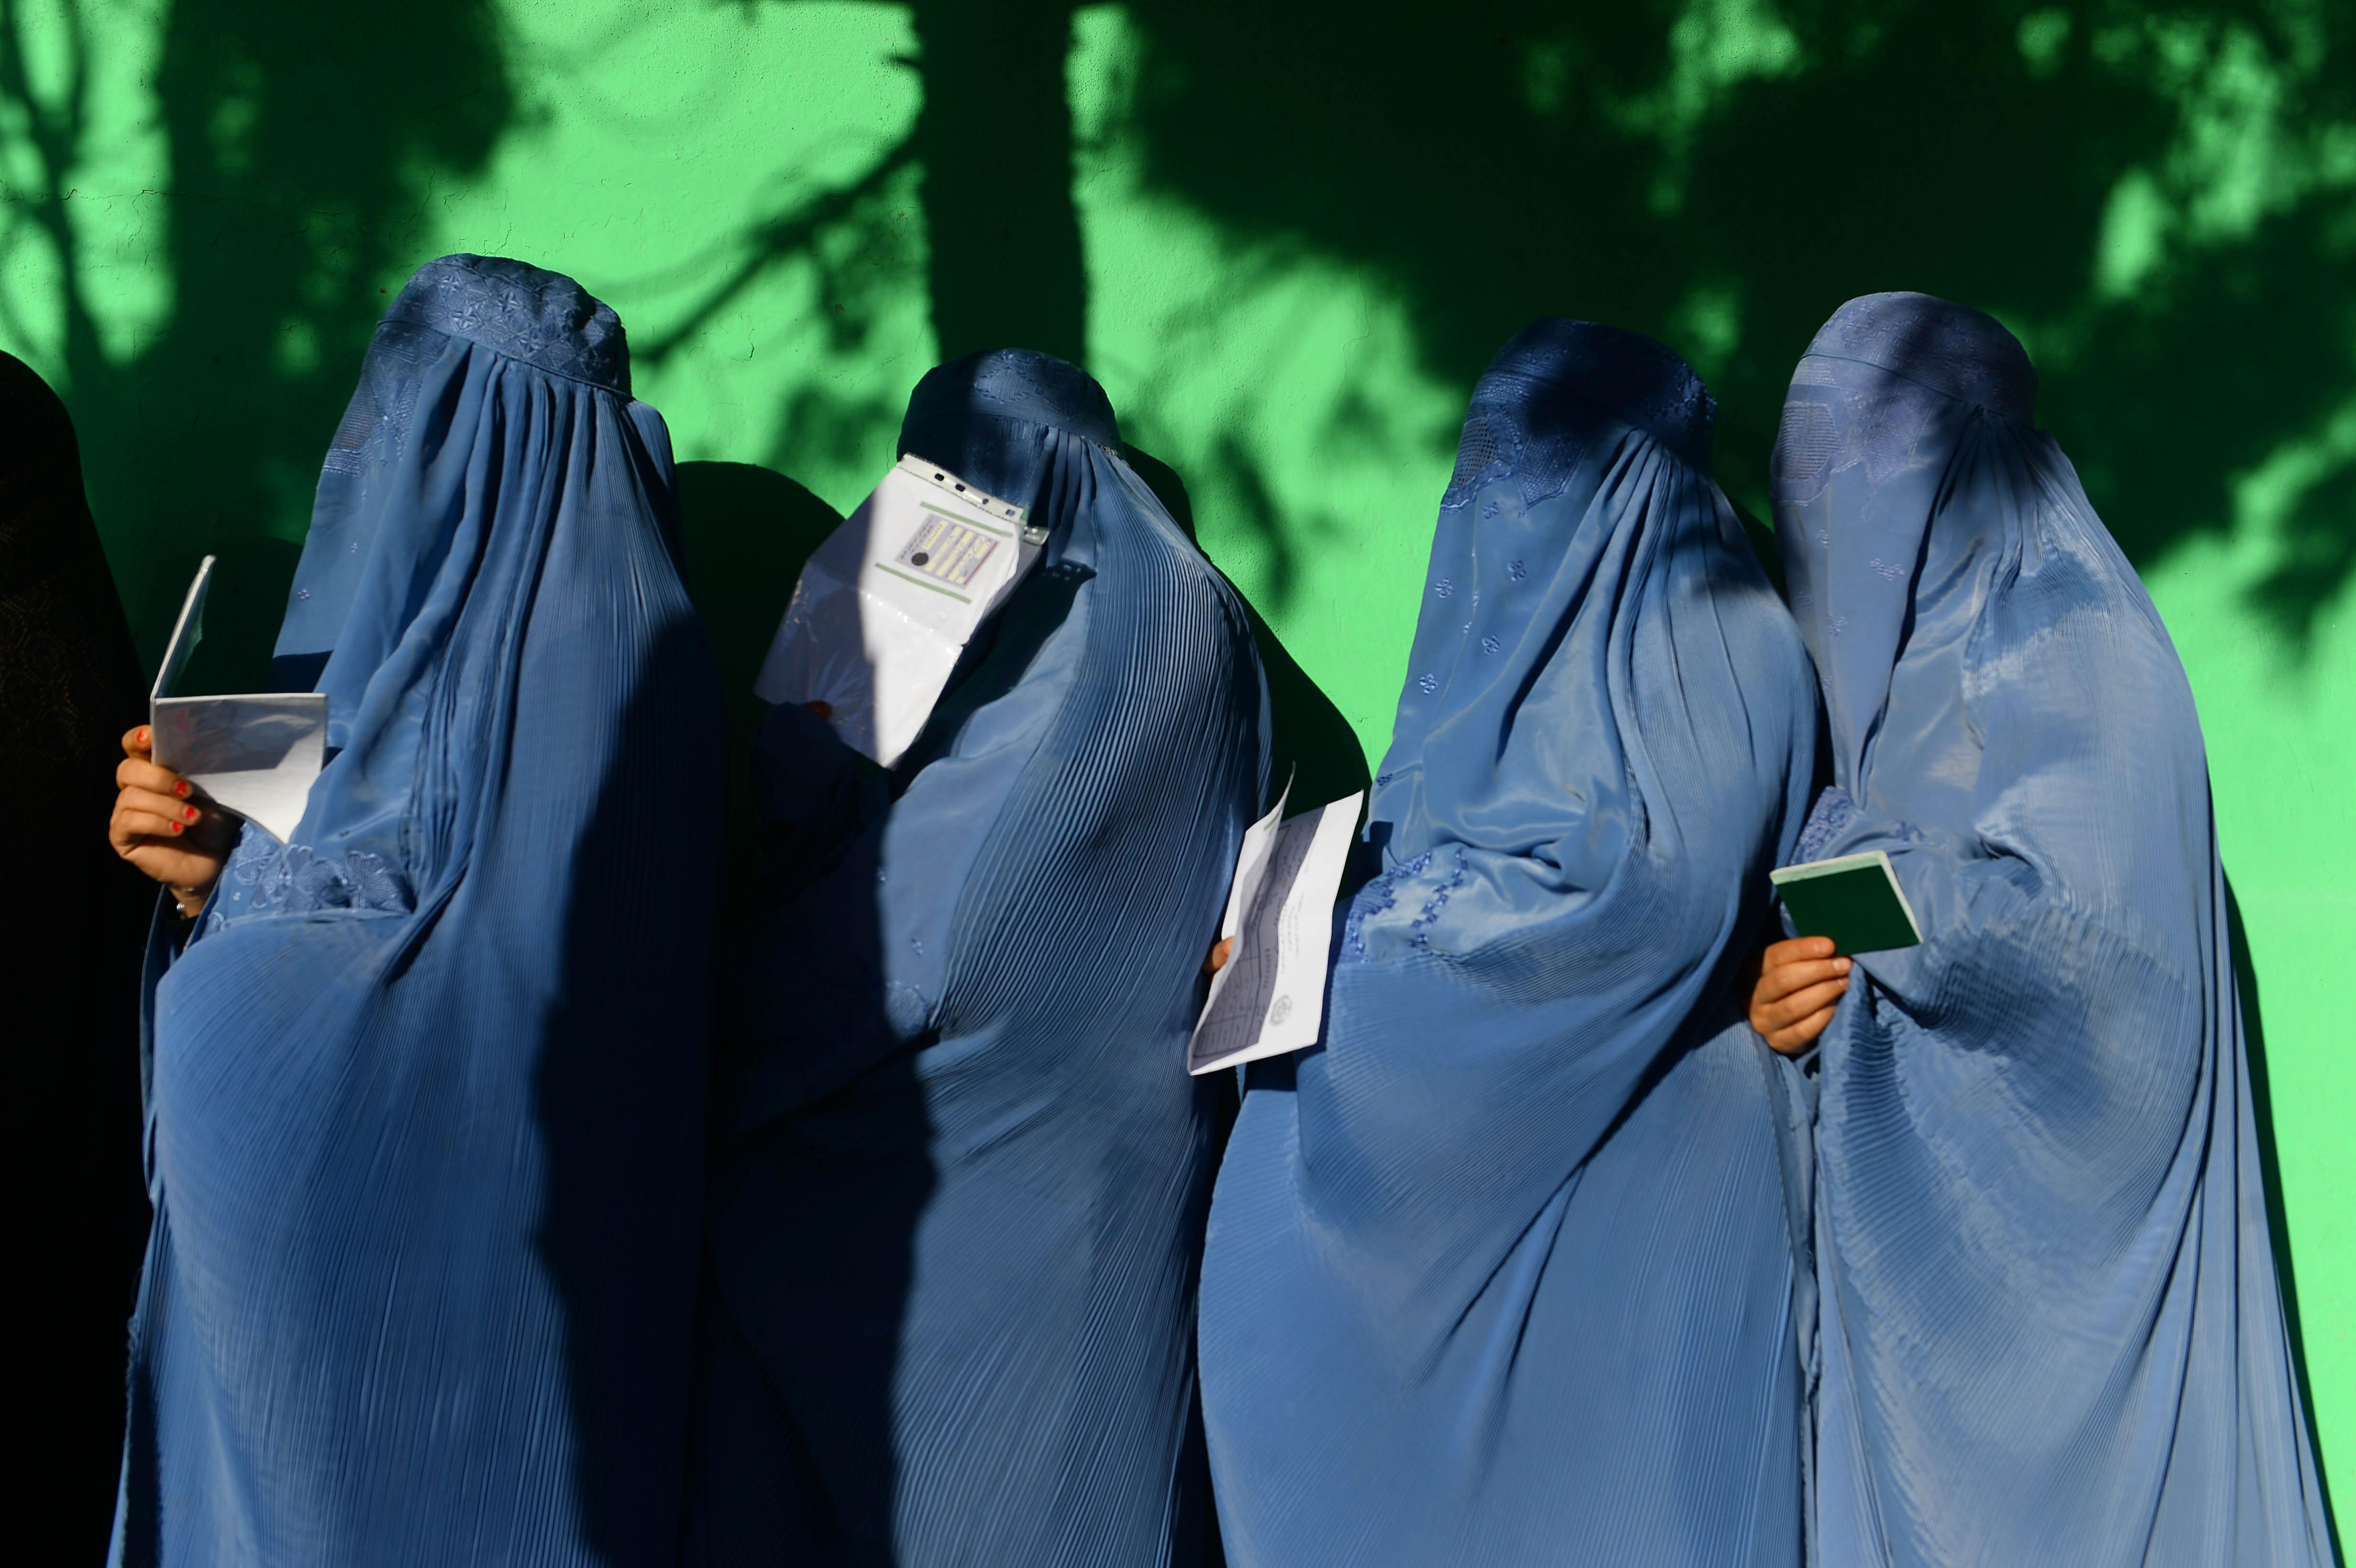 میلیون ها افغان با نادیده گرفتن تهدیدهای طالبان در یک انتخابات تاریخی رای دادند